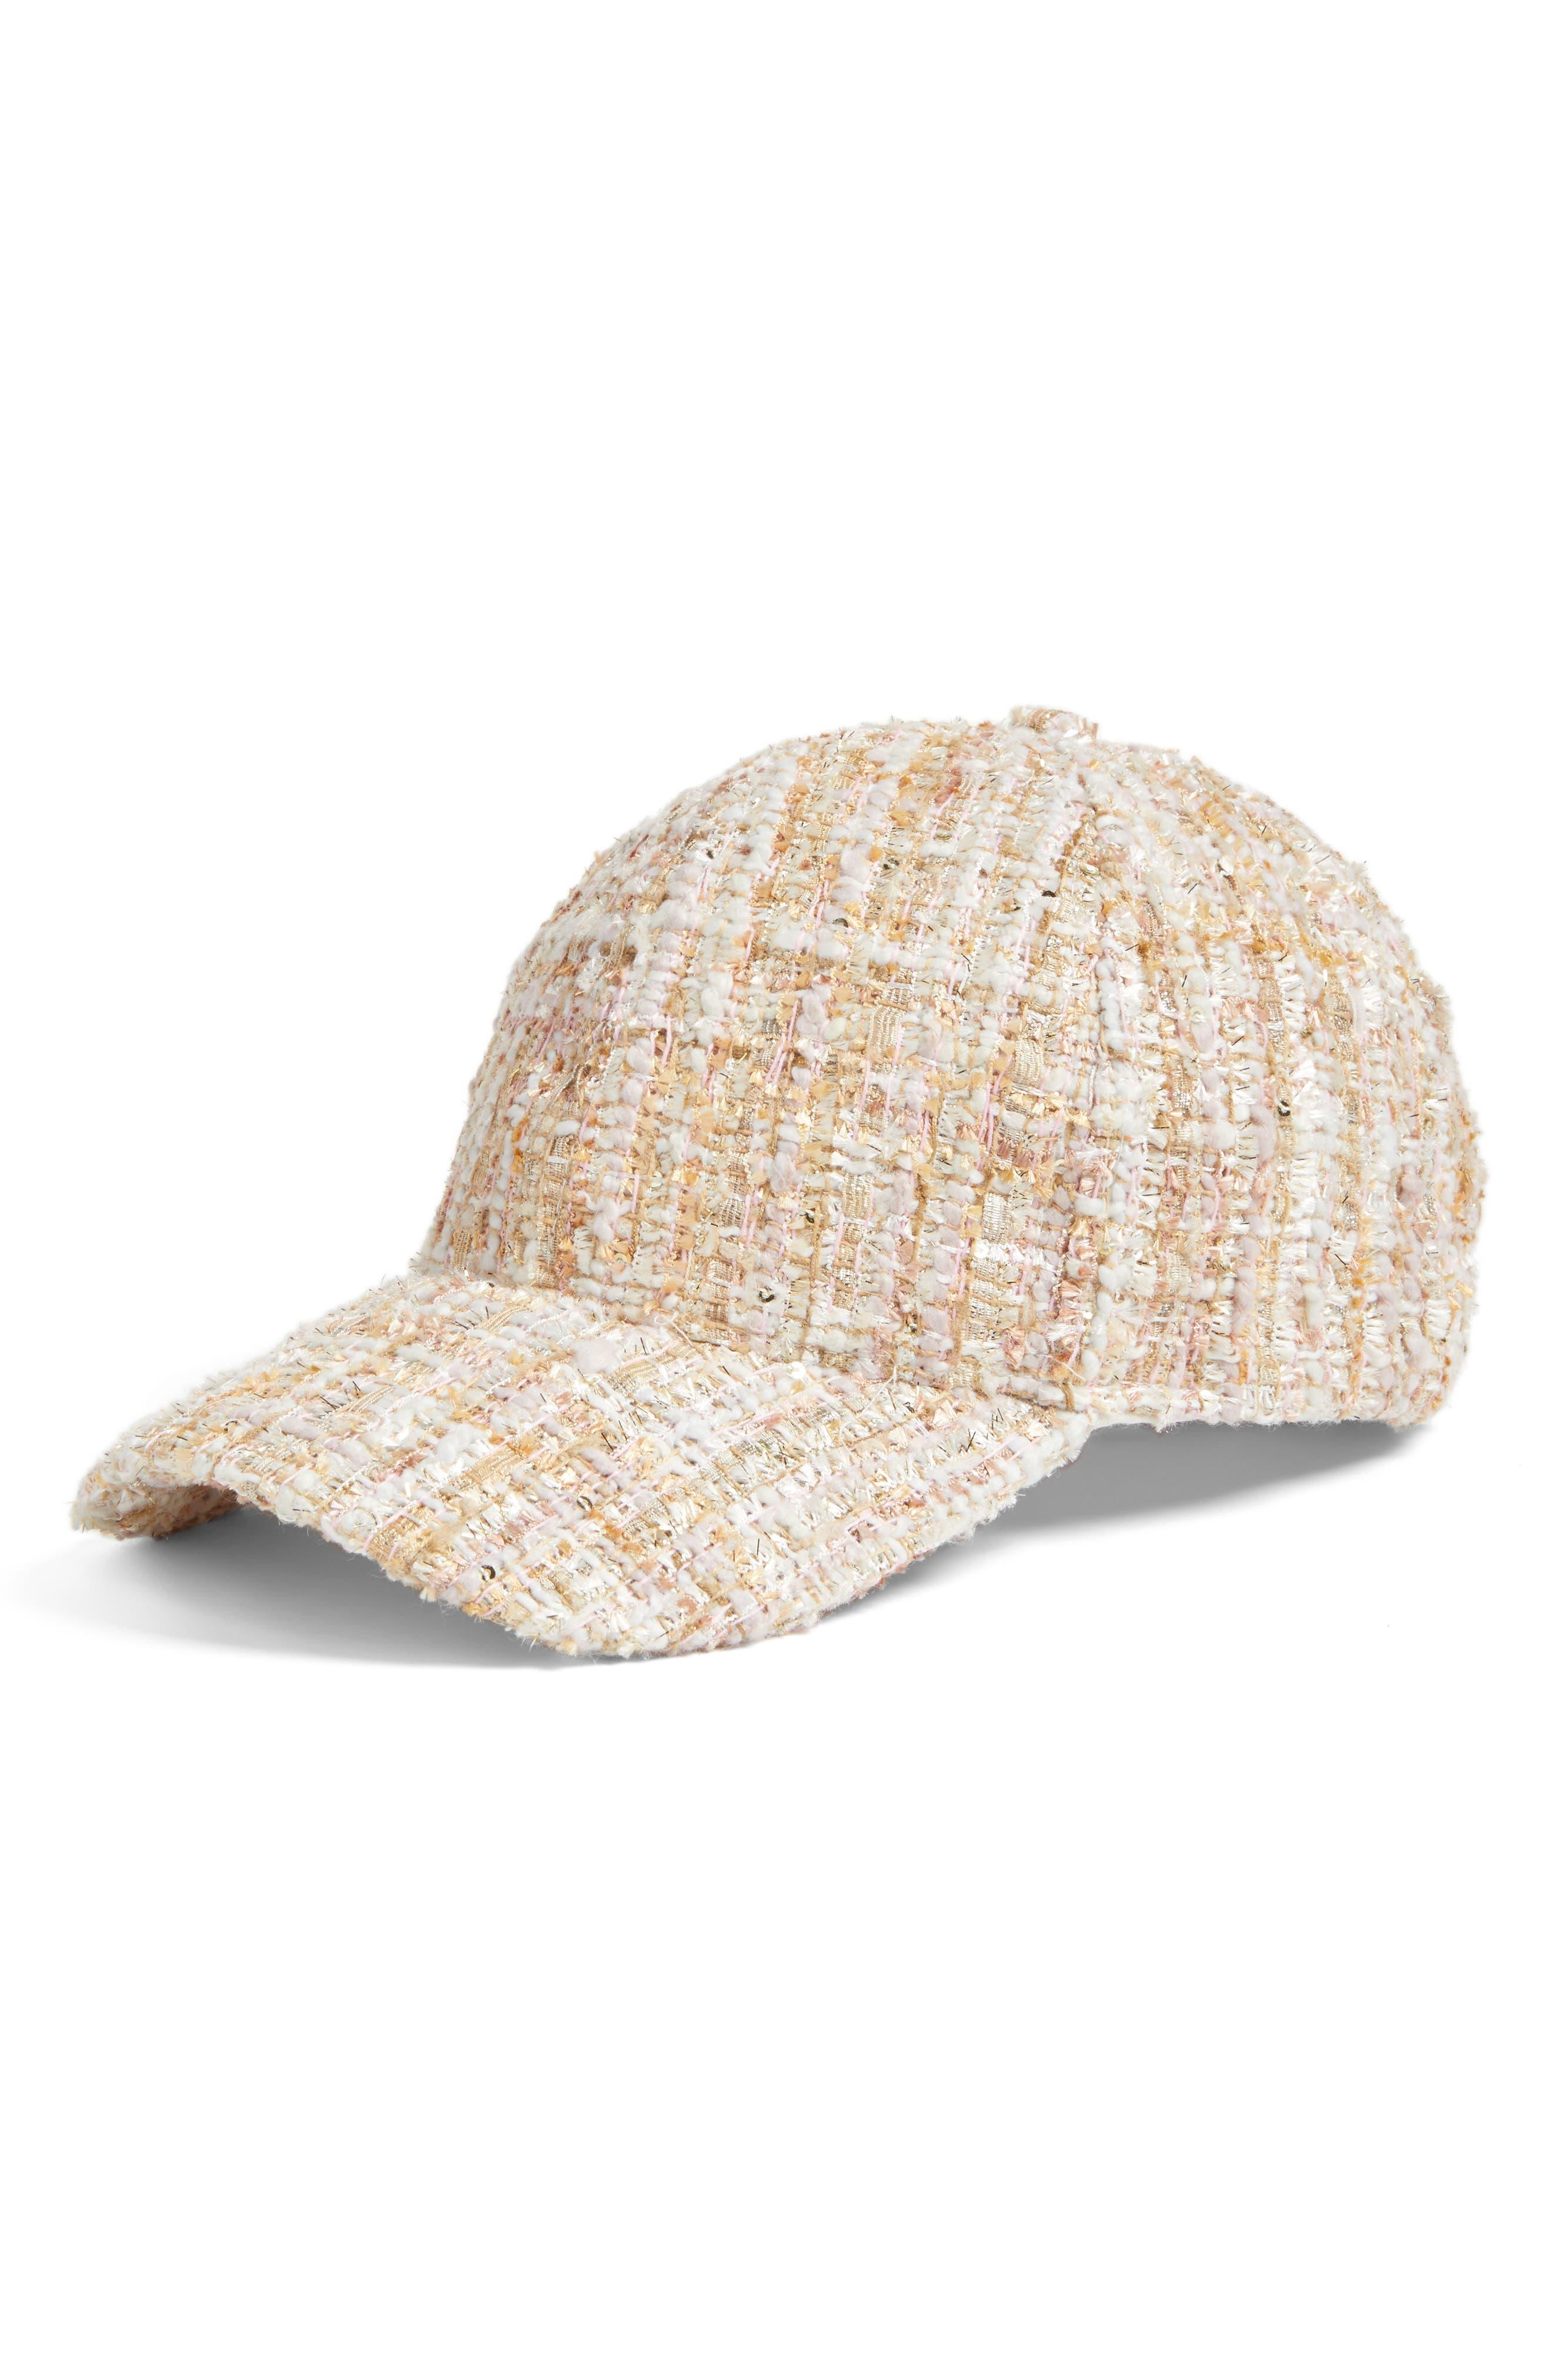 Alternate Image 1 Selected - BP. Tweed Baseball Cap